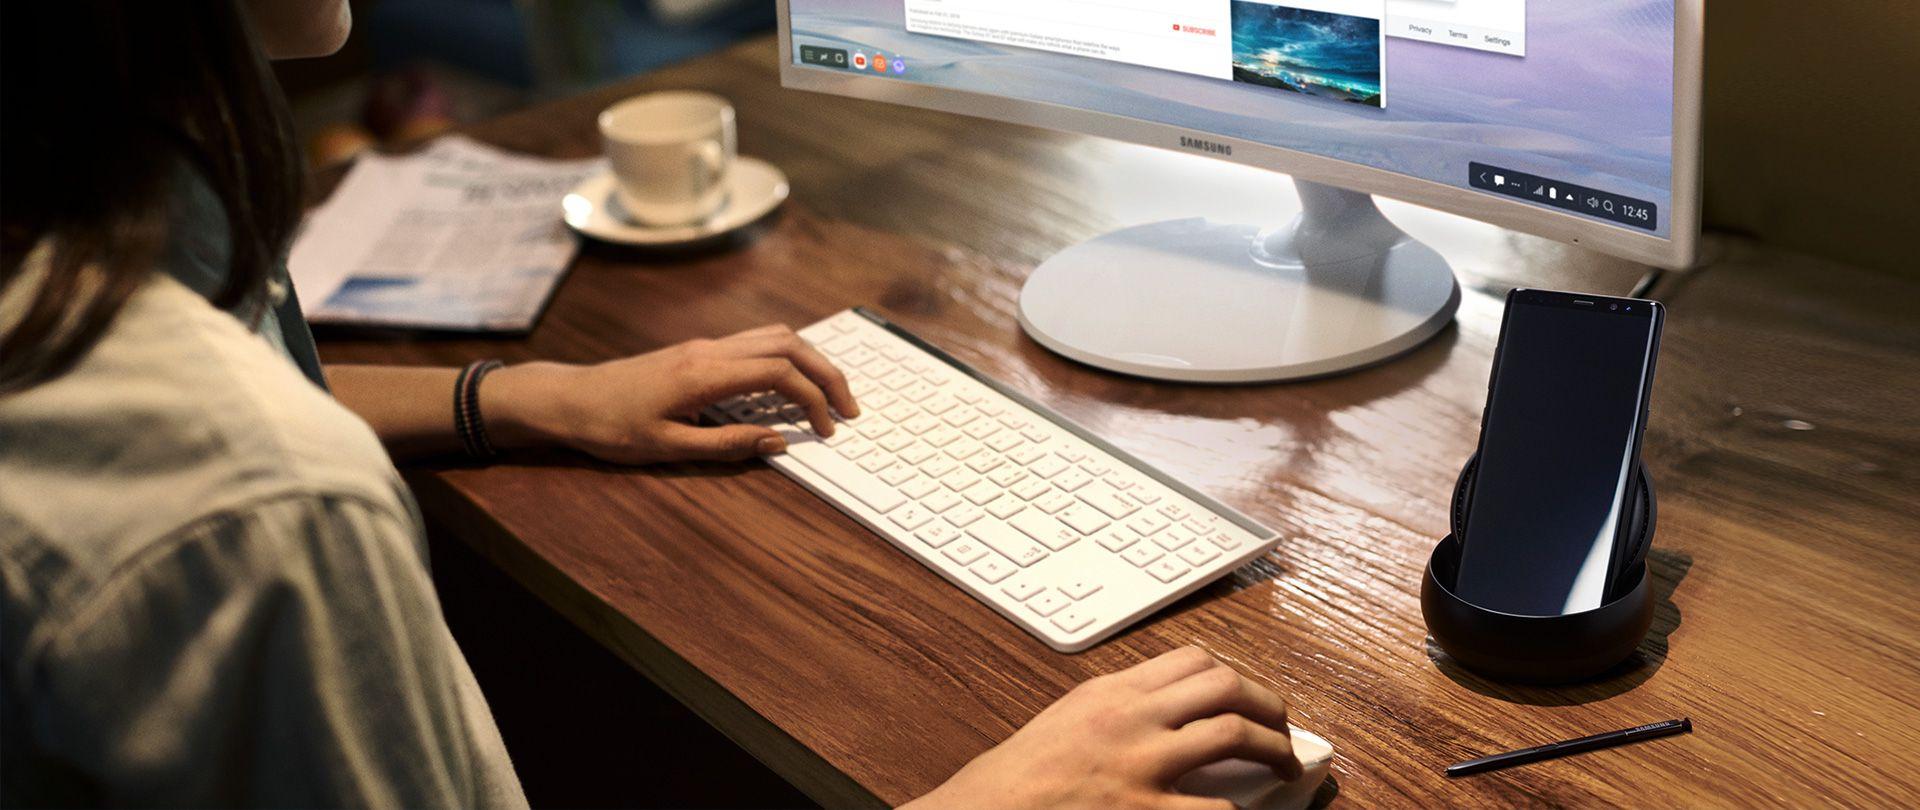 Immagine di una persona che usa Galaxy Note8 e DeX Station sulla scrivania con monitor, tastiera e mouse Samsung